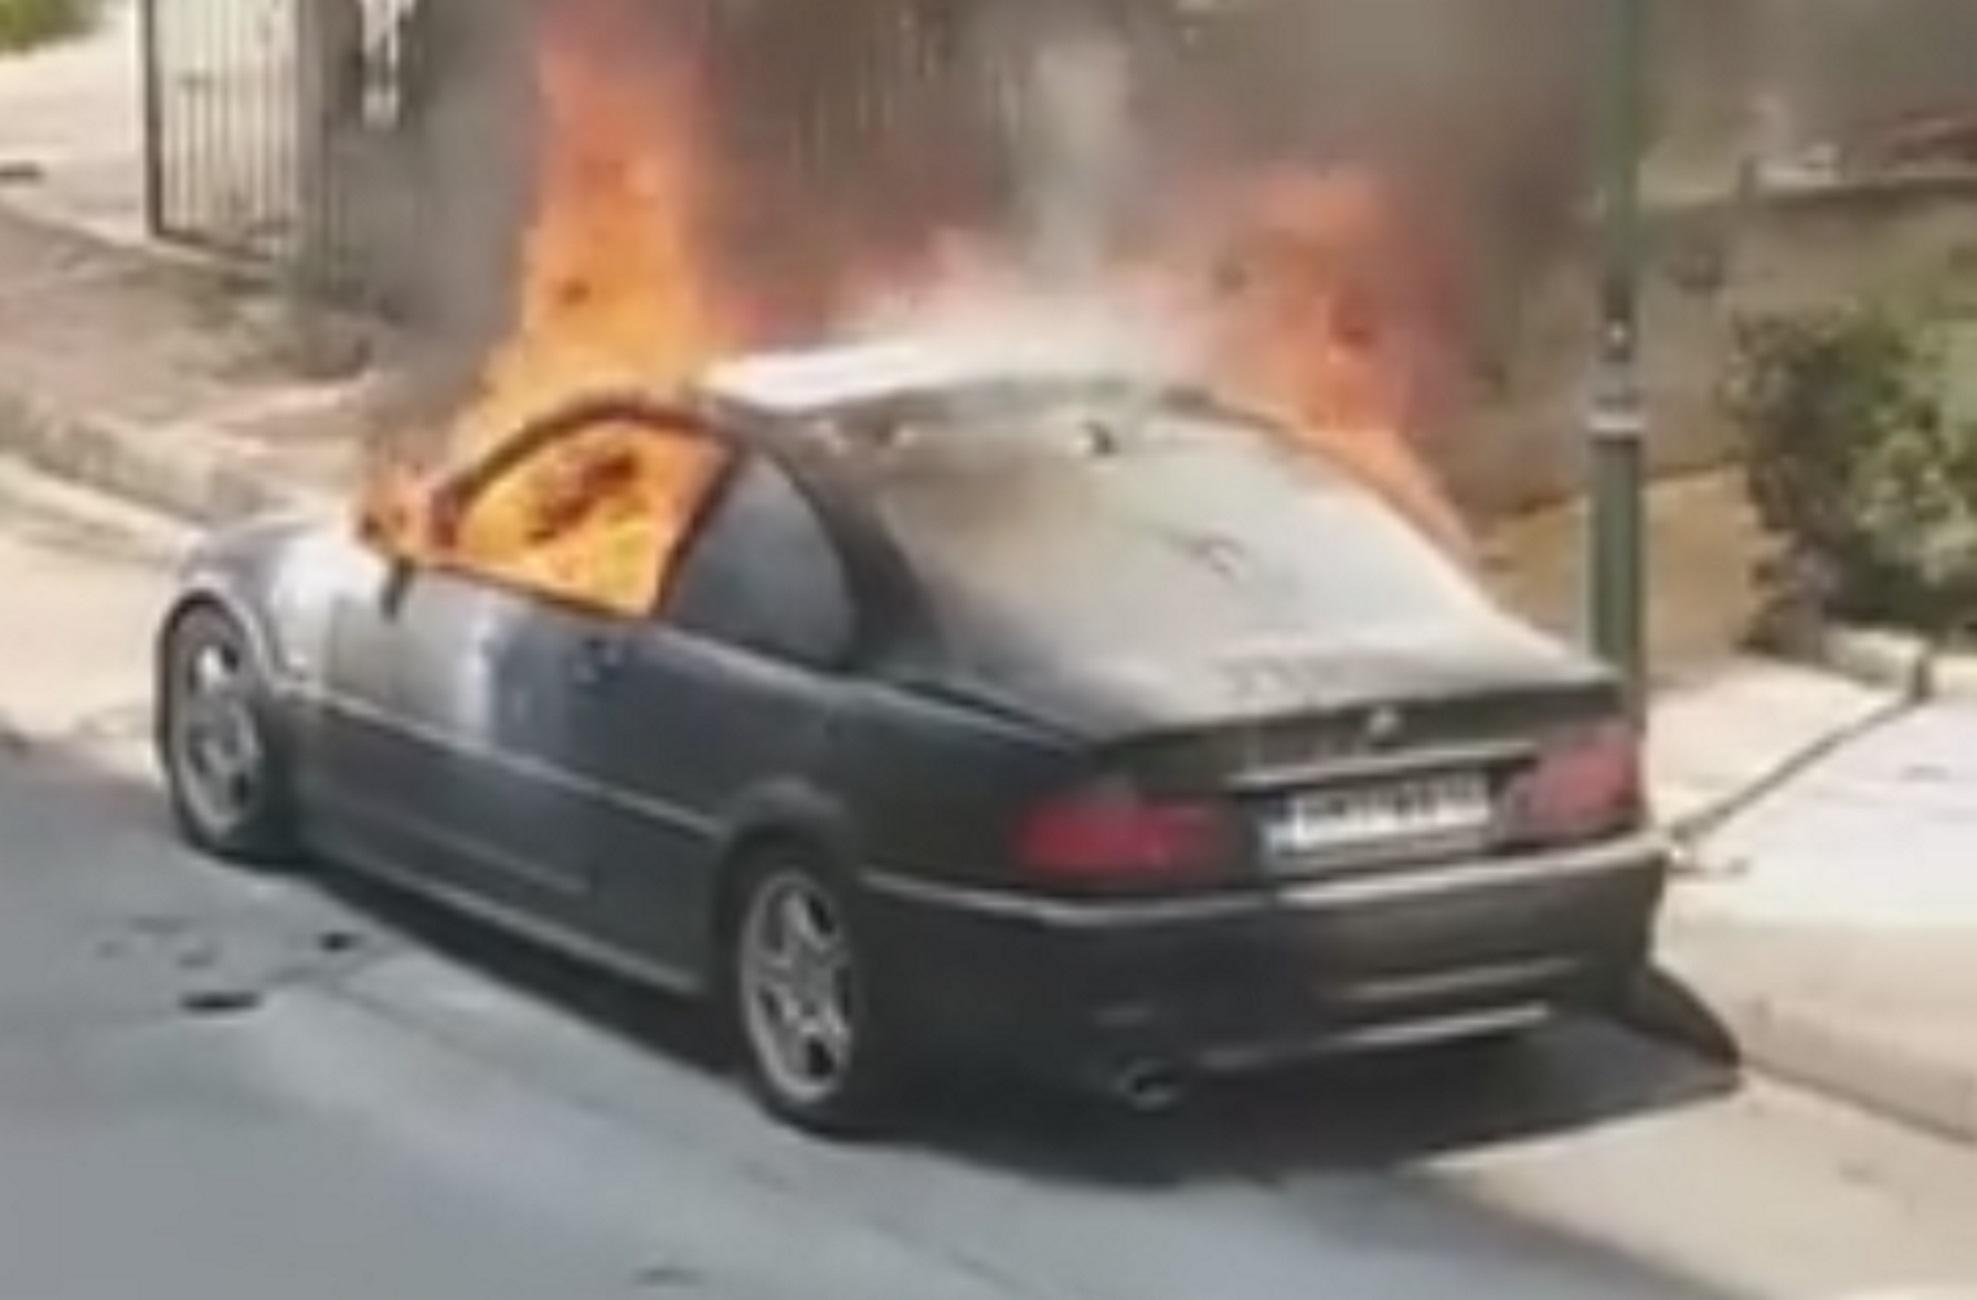 Κοζάνη: Η στιγμή που αυτοκίνητο τυλίγεται στις φλόγες! Η φωτιά στην κάμερα (Βίντεο)